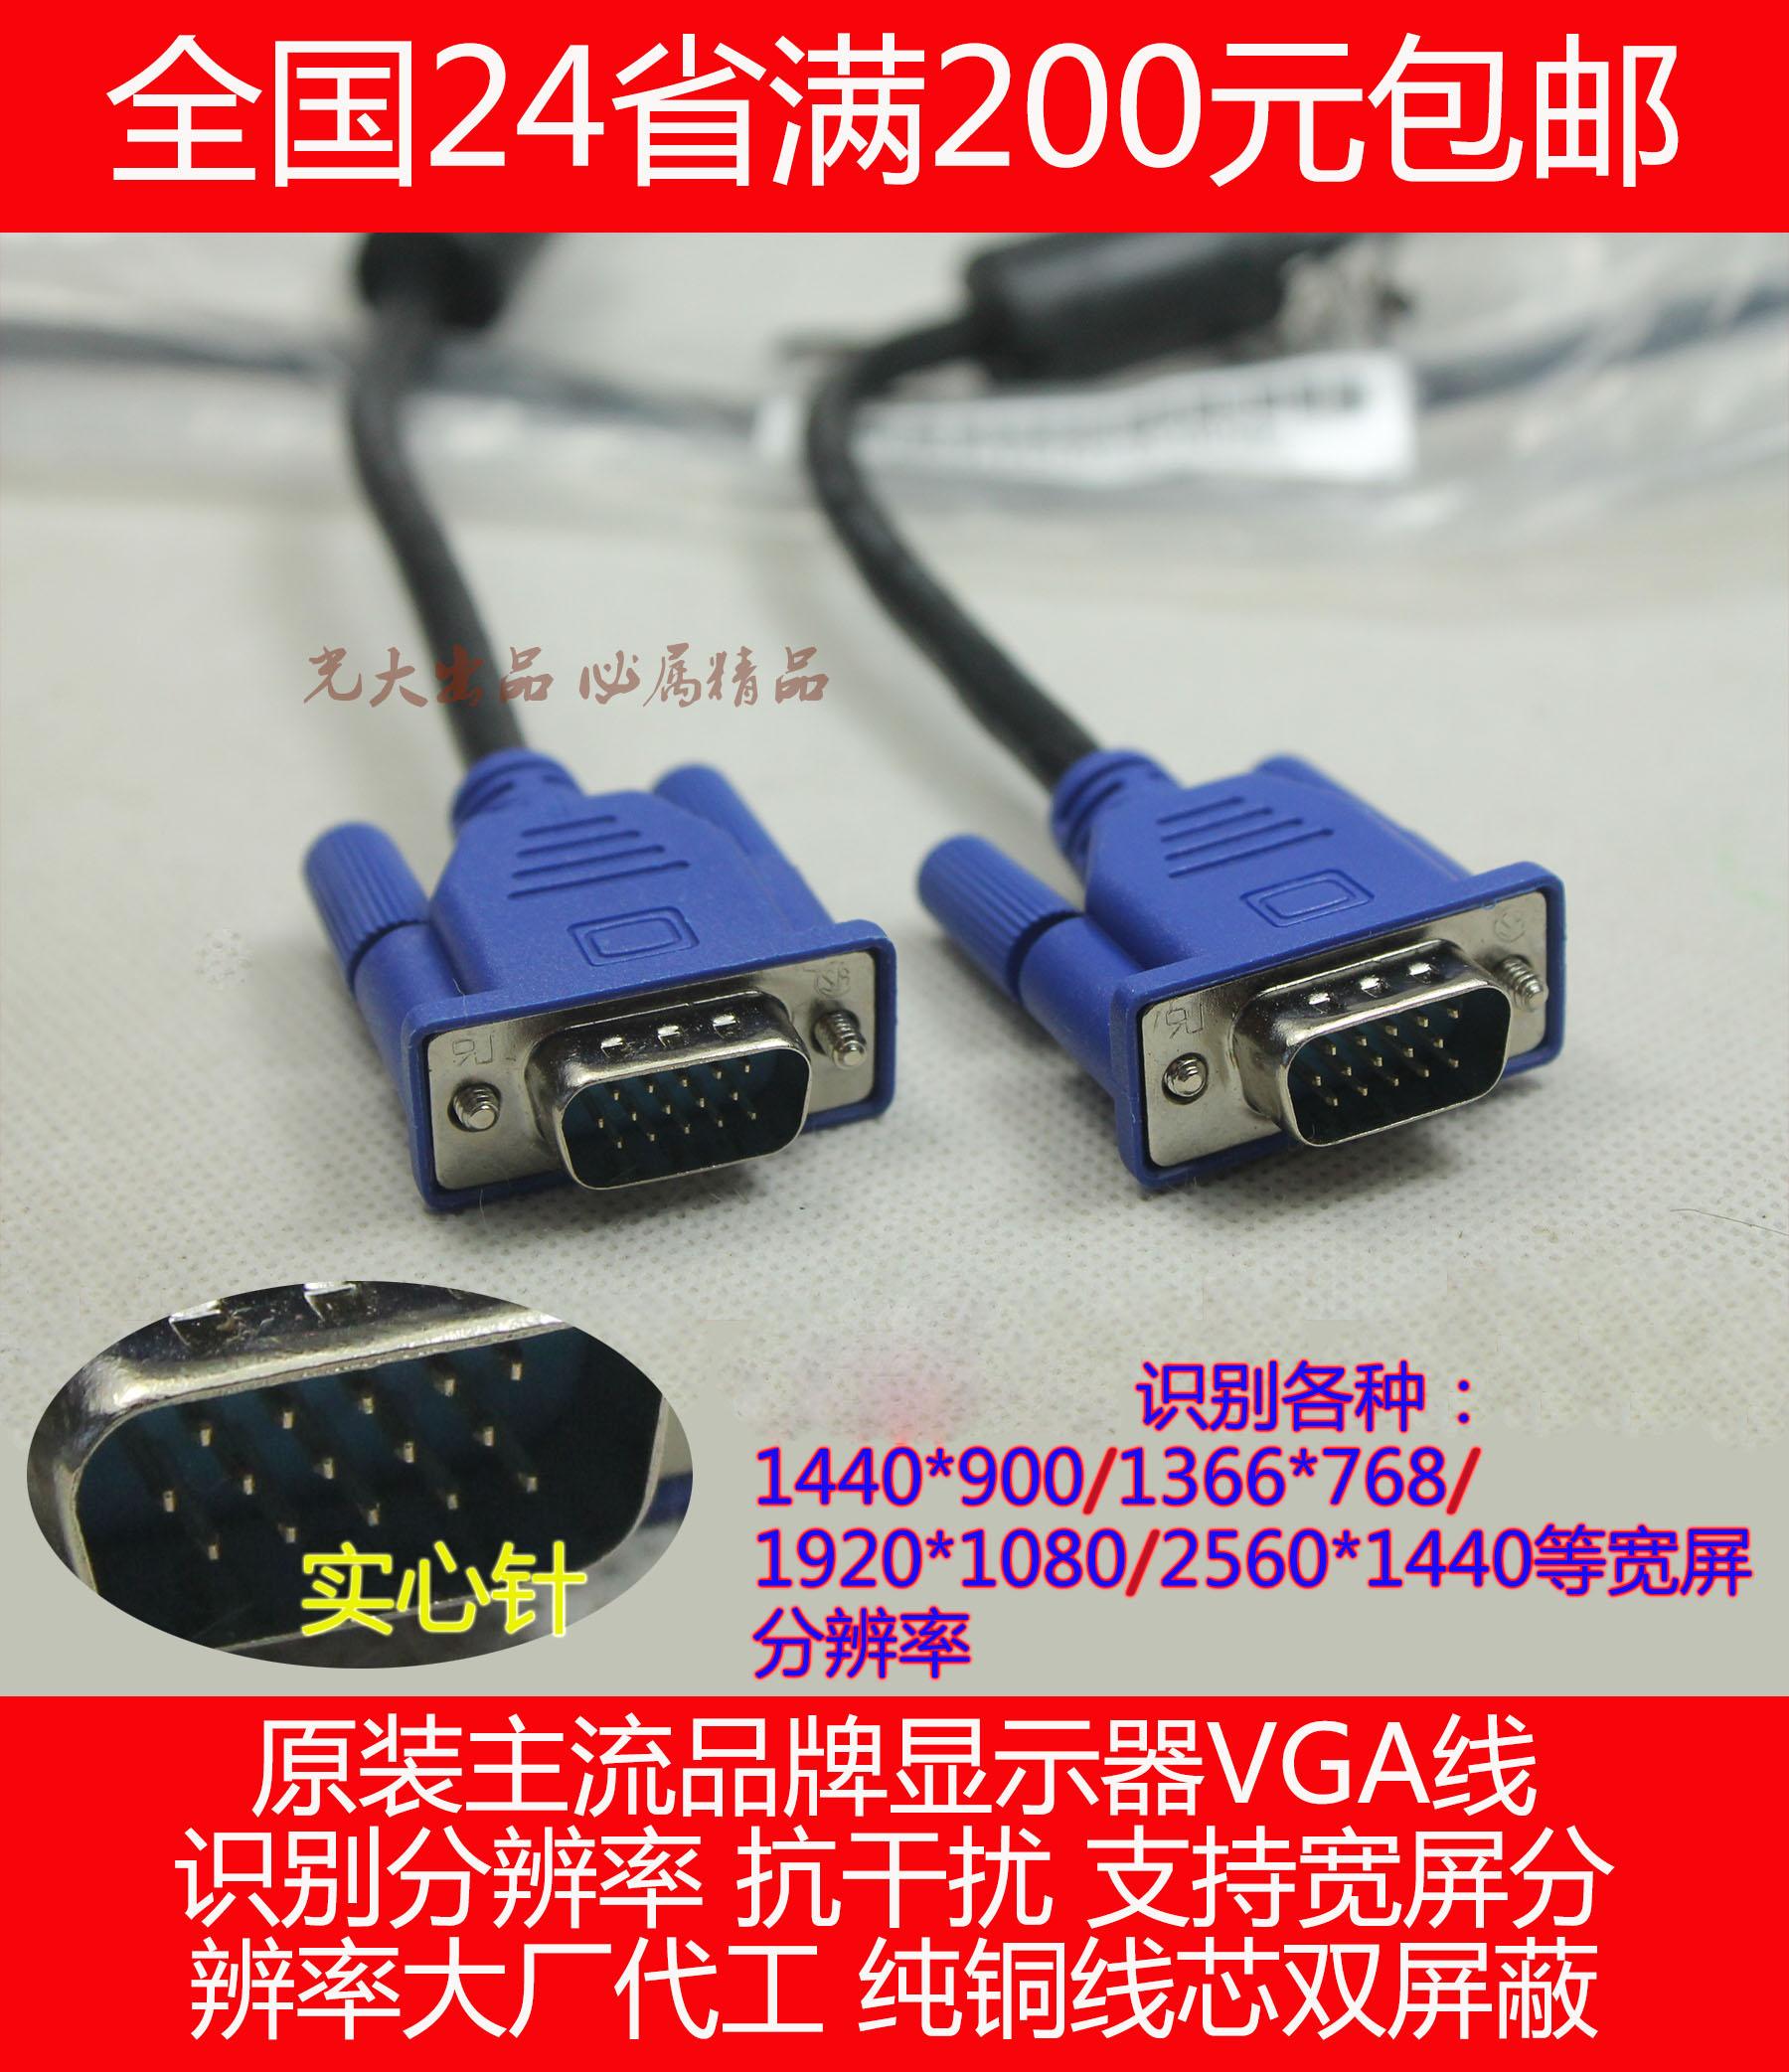 Оригинал VGA линия 1.5 метр 1.8 метр подожди двойной магнит кольцо 3+6 3+9 марка дисплей RGB сигнал линия